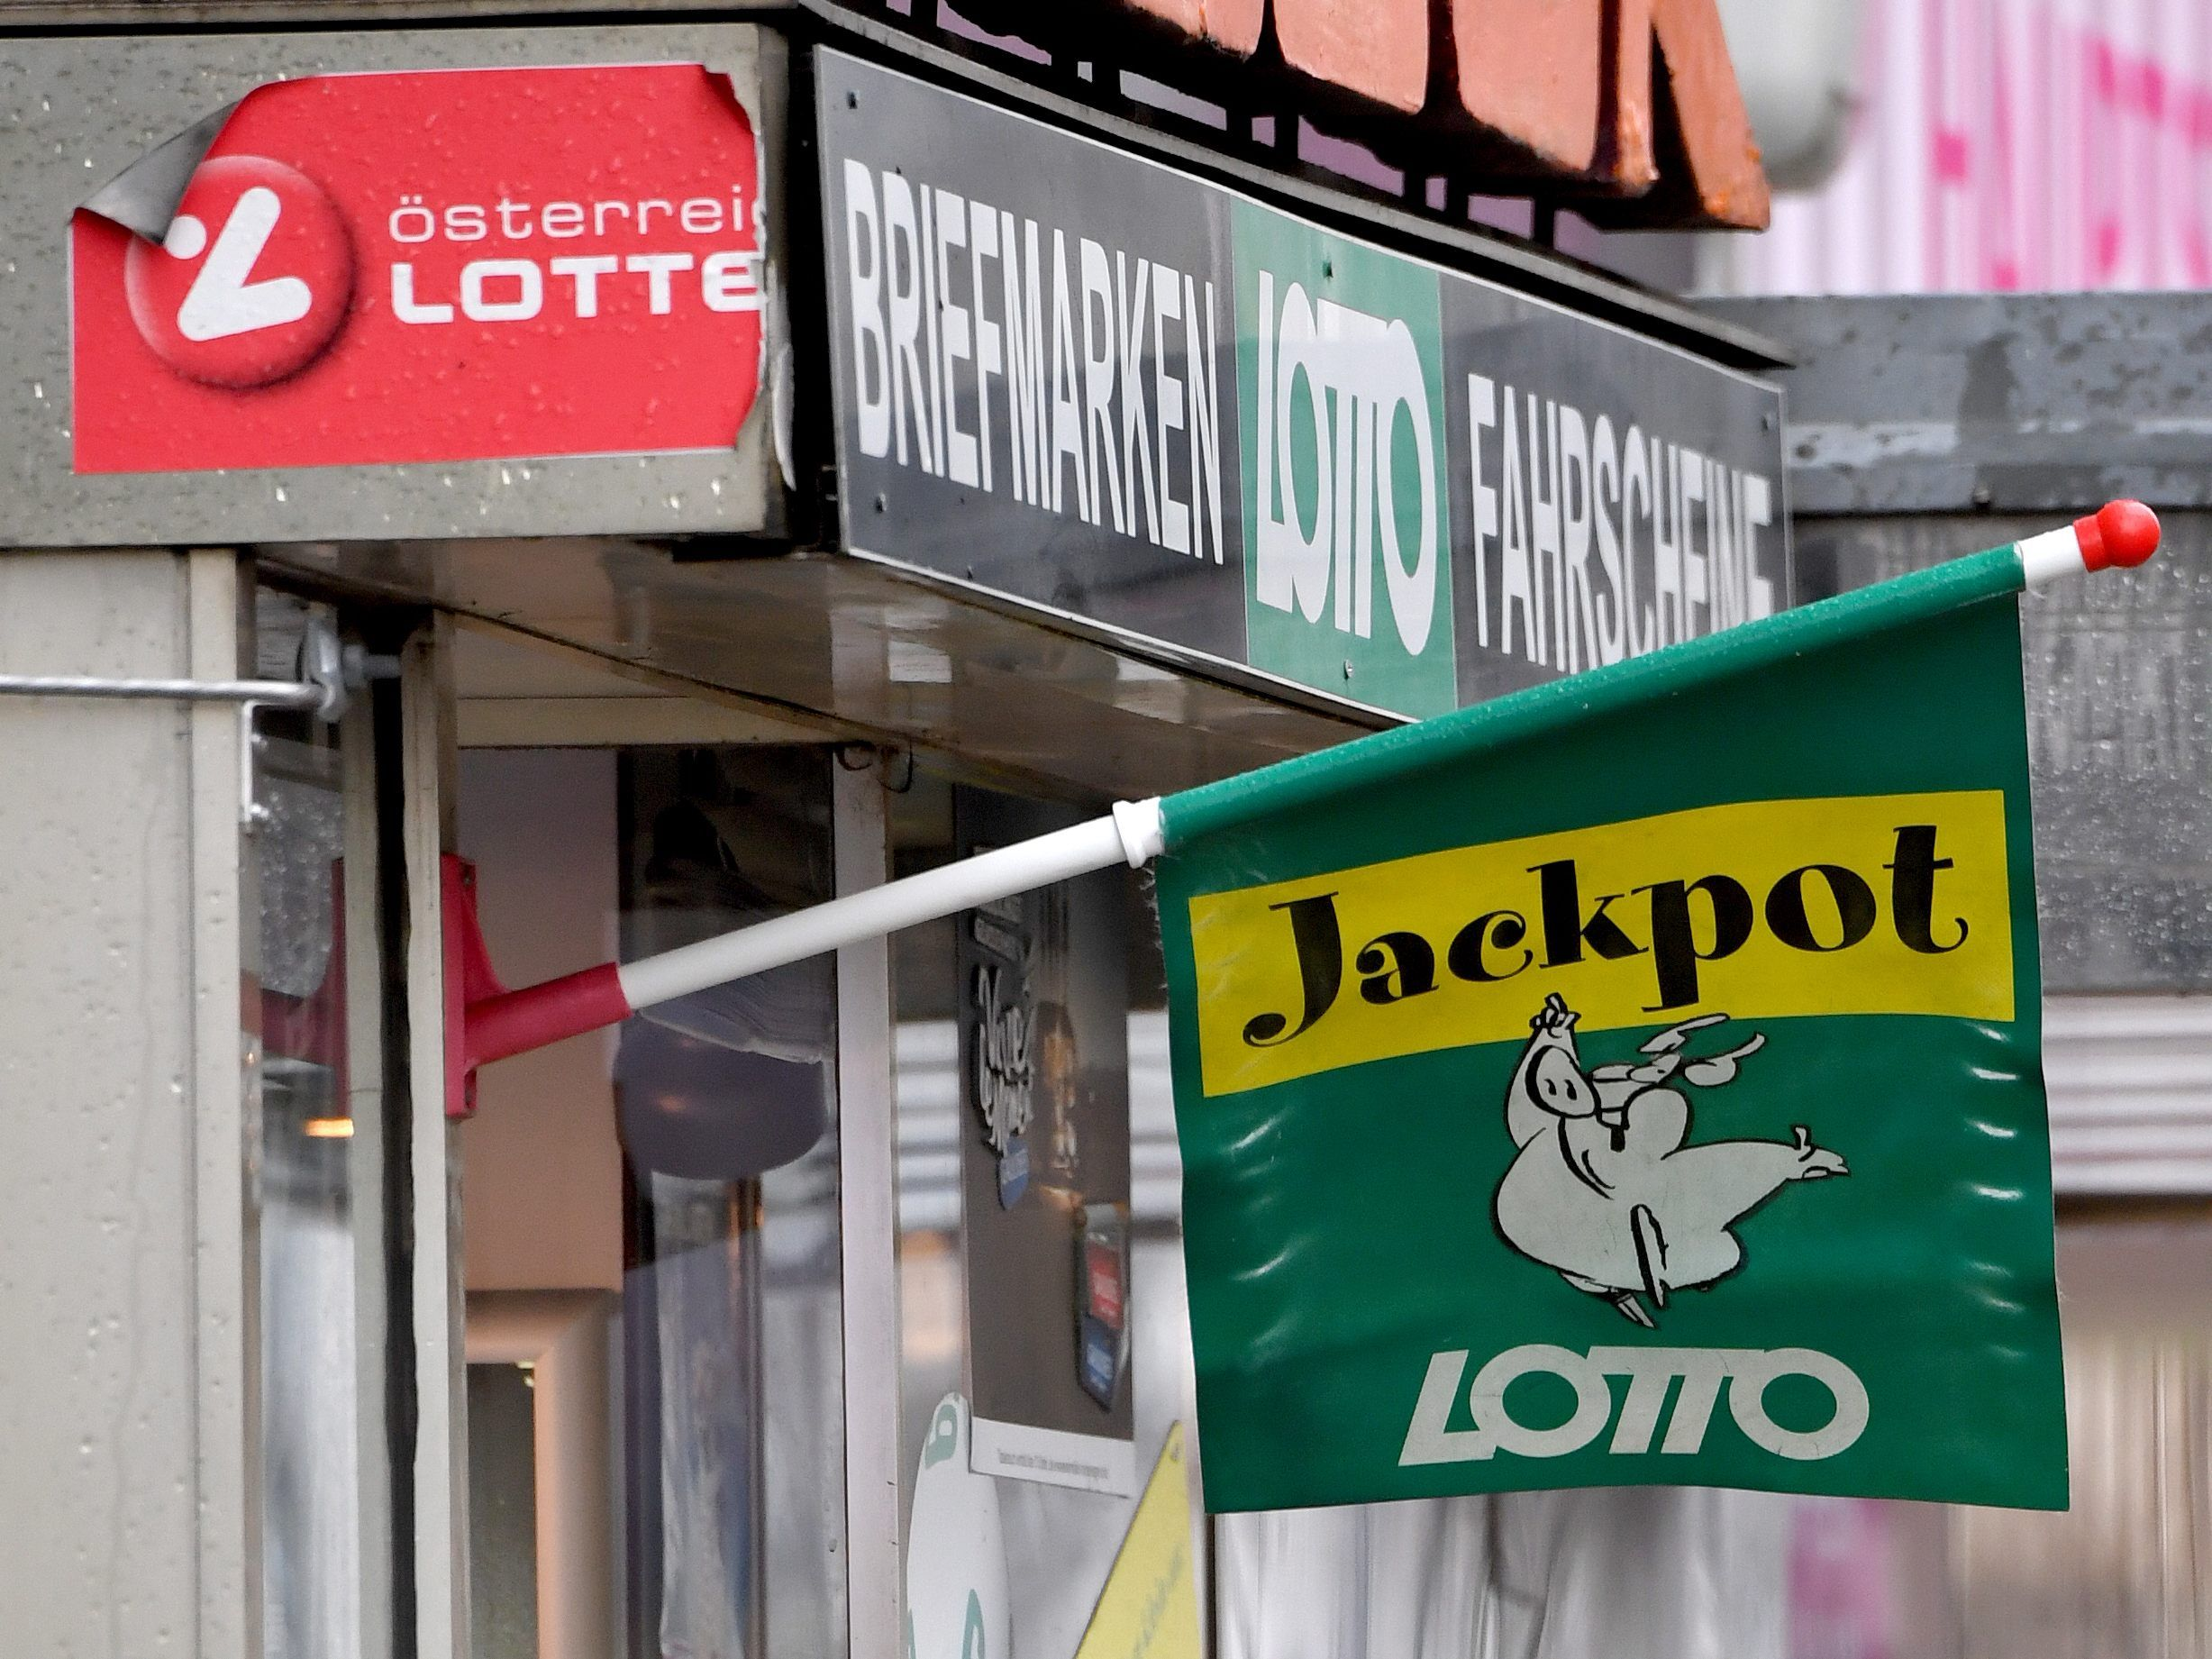 jackpot lotto österreich